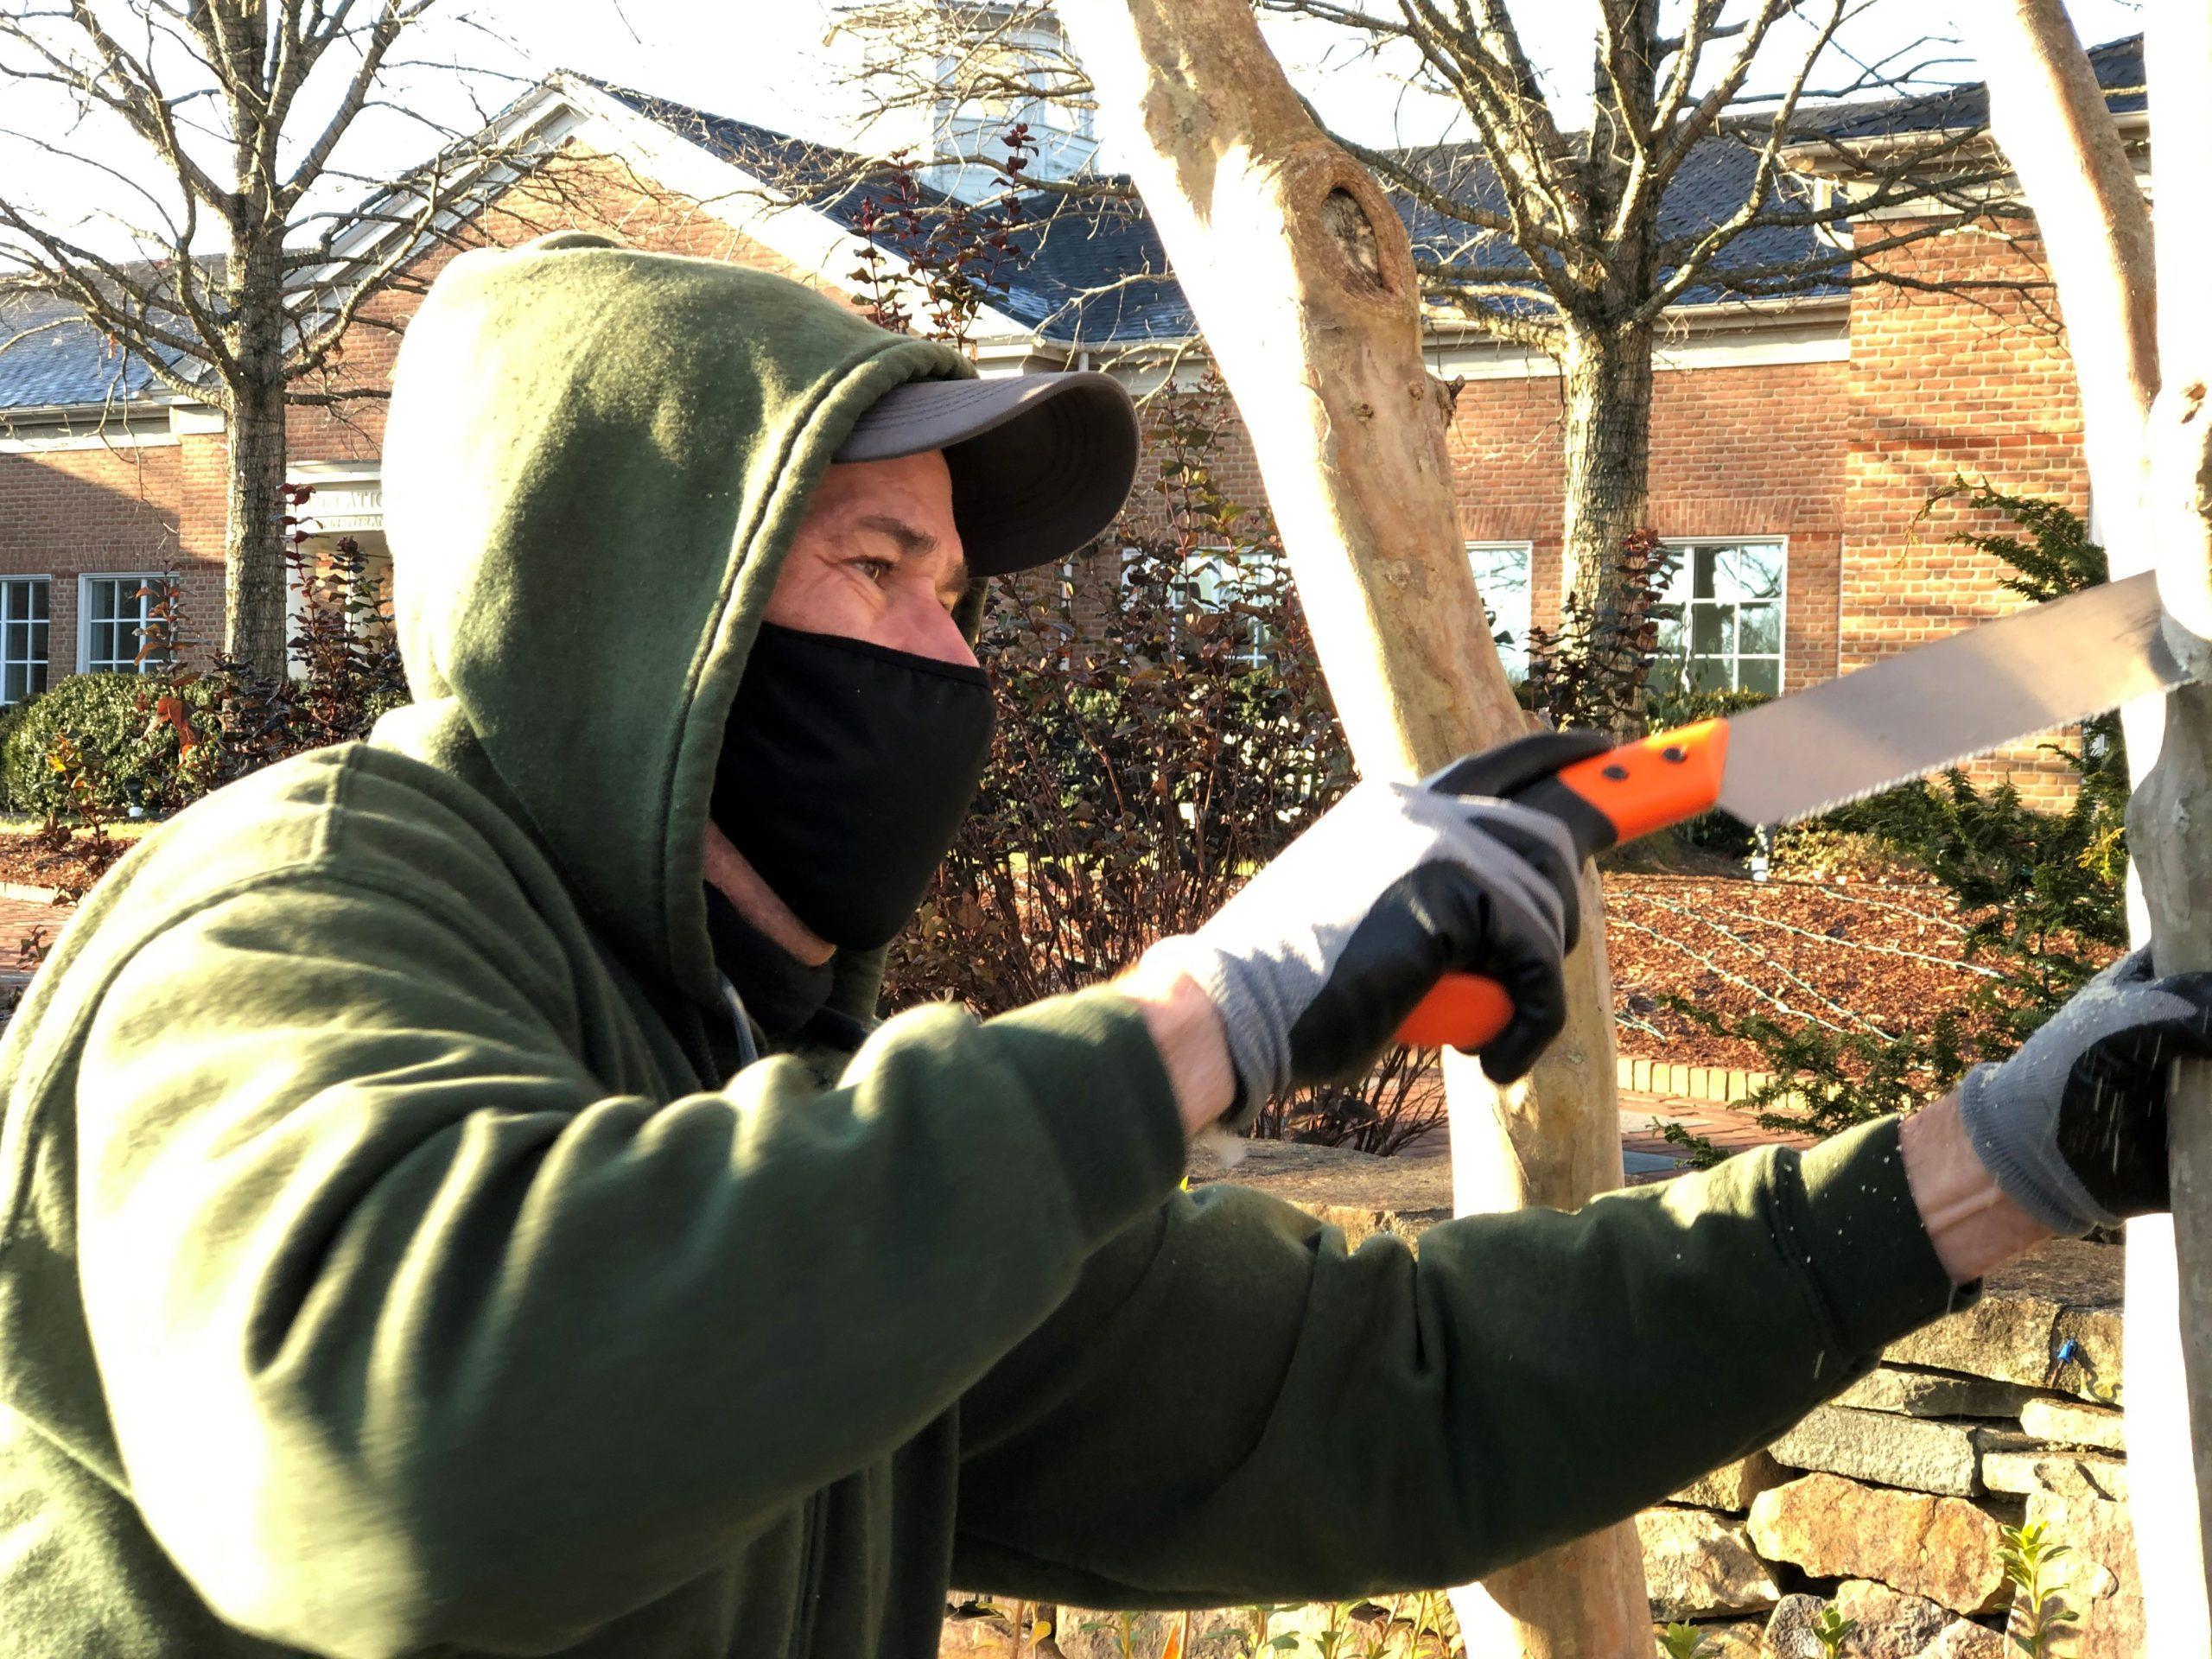 Pruning crape myrtles at Lewis Ginter Botanical Garden